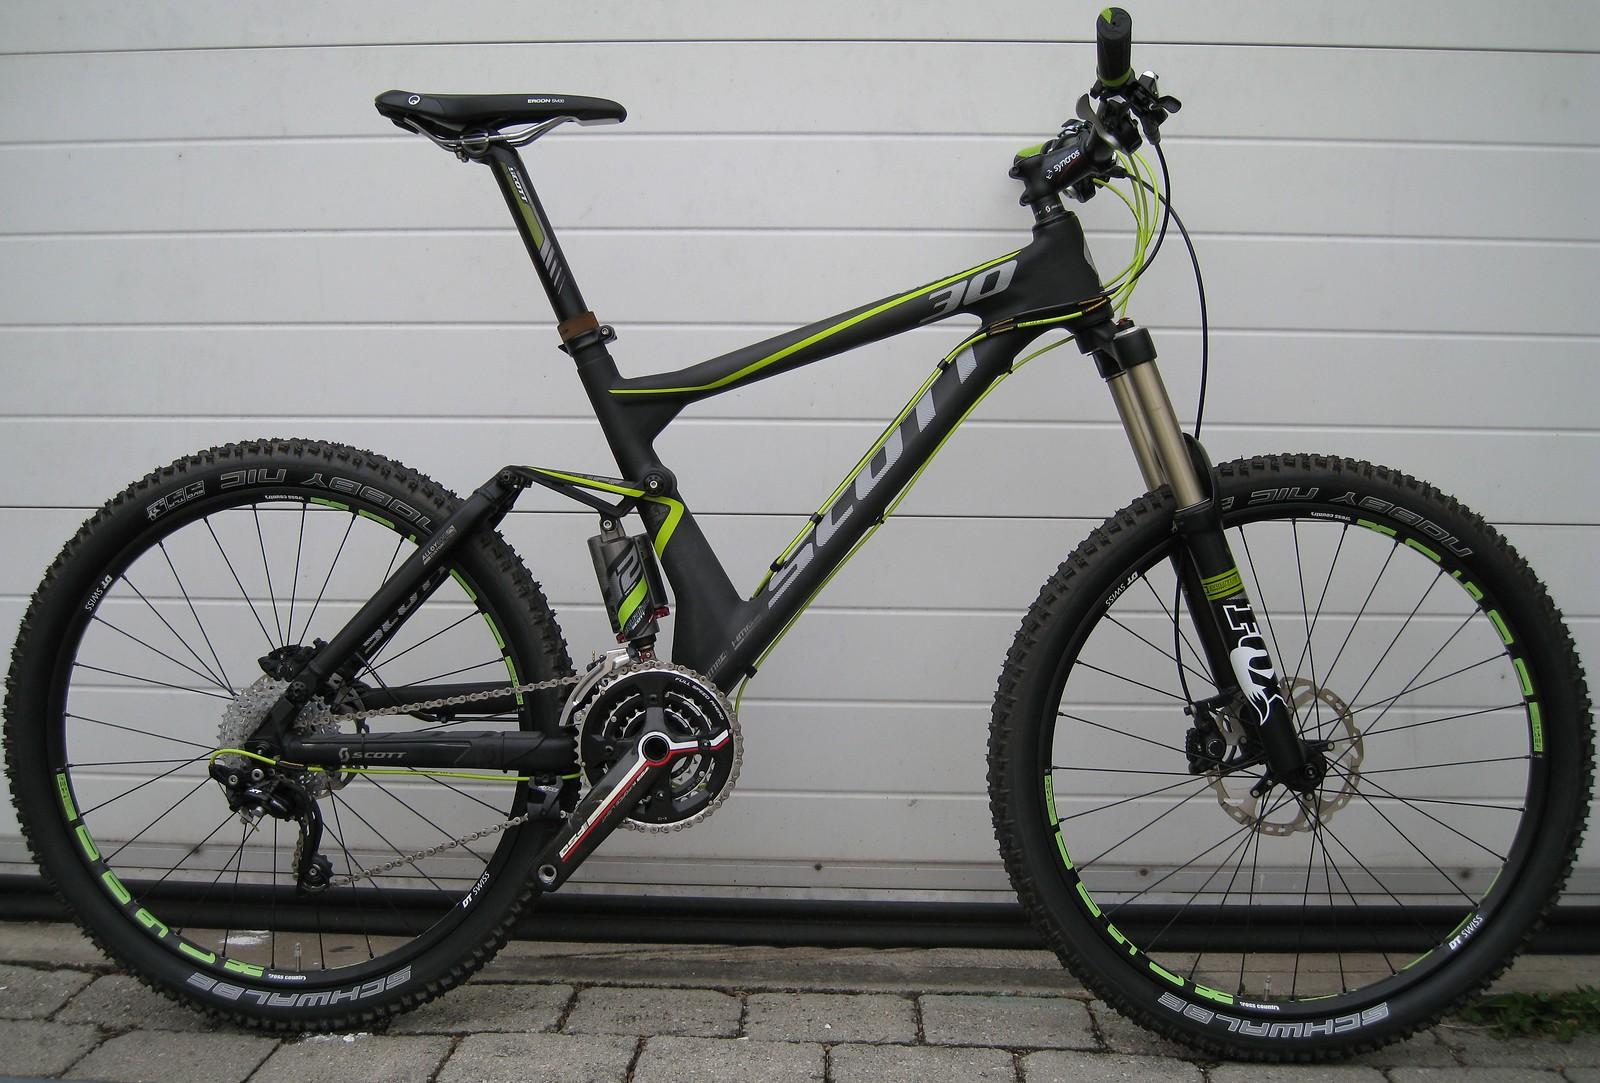 Scott Genius 30 Gr. M, Baujahr 2012 Neuwertig | Bikemarkt